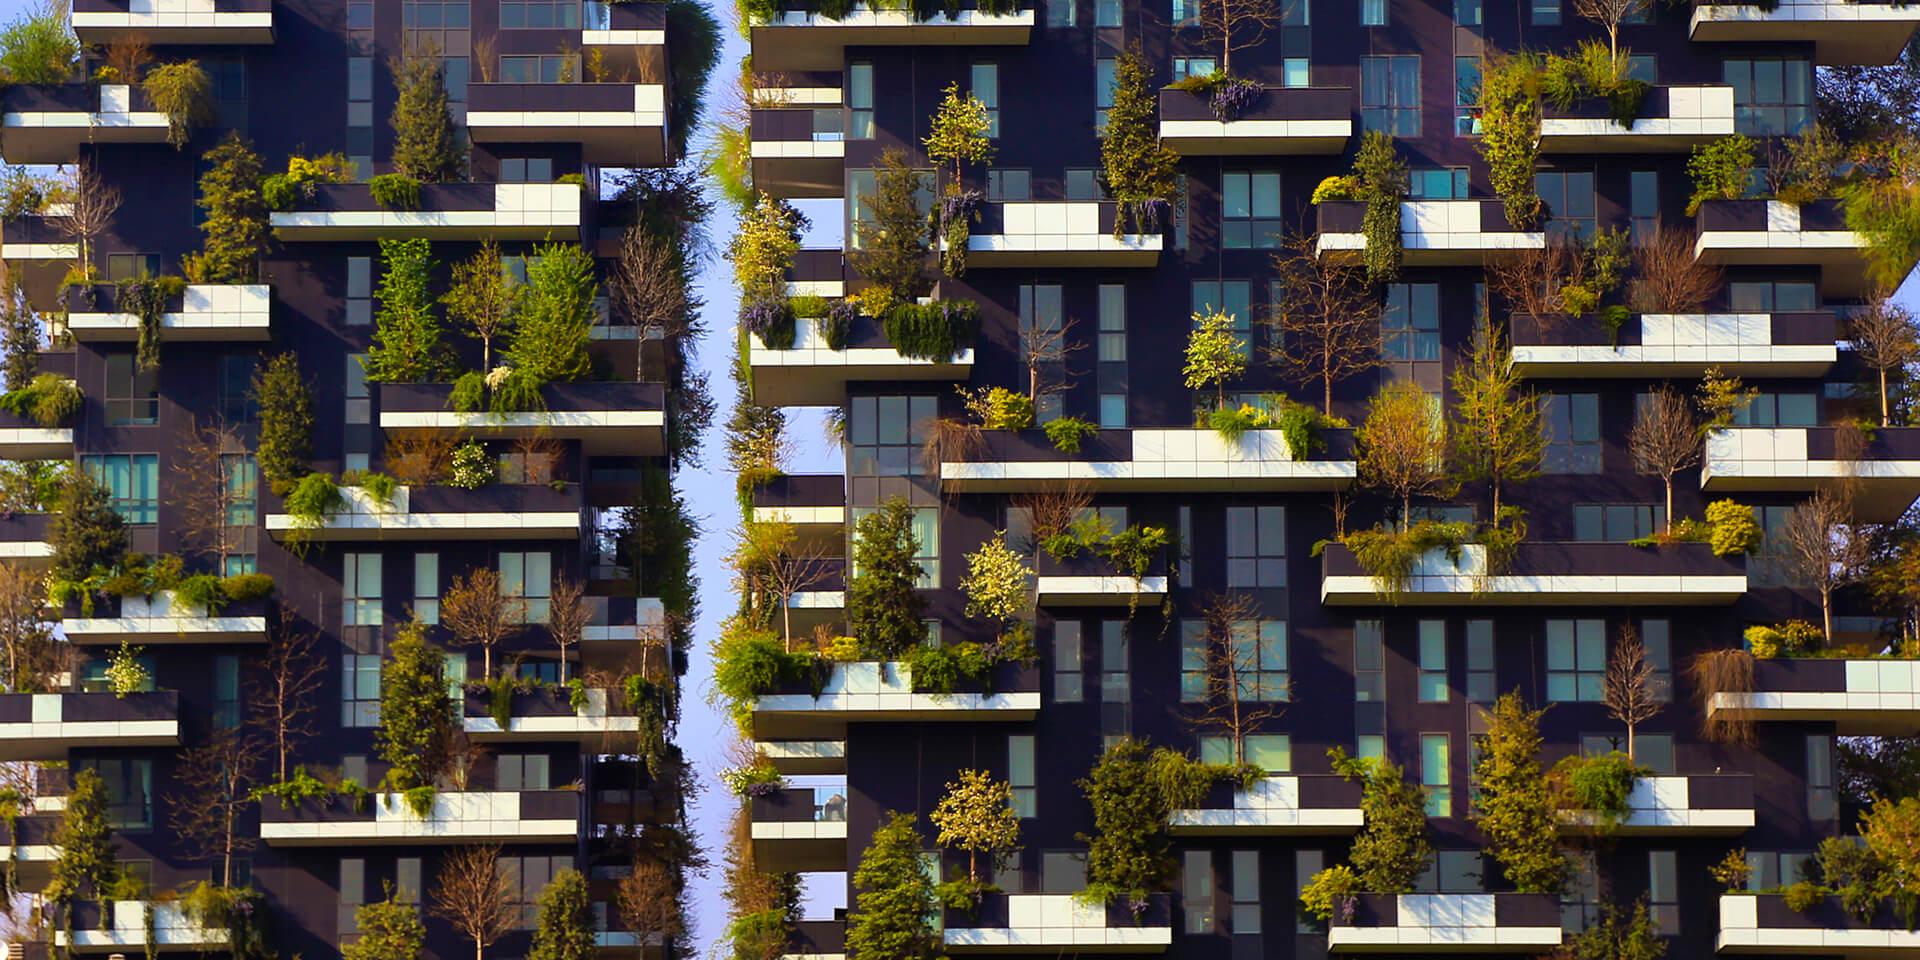 7 exemplos de cidades sustentáveis e o que aprender com elas